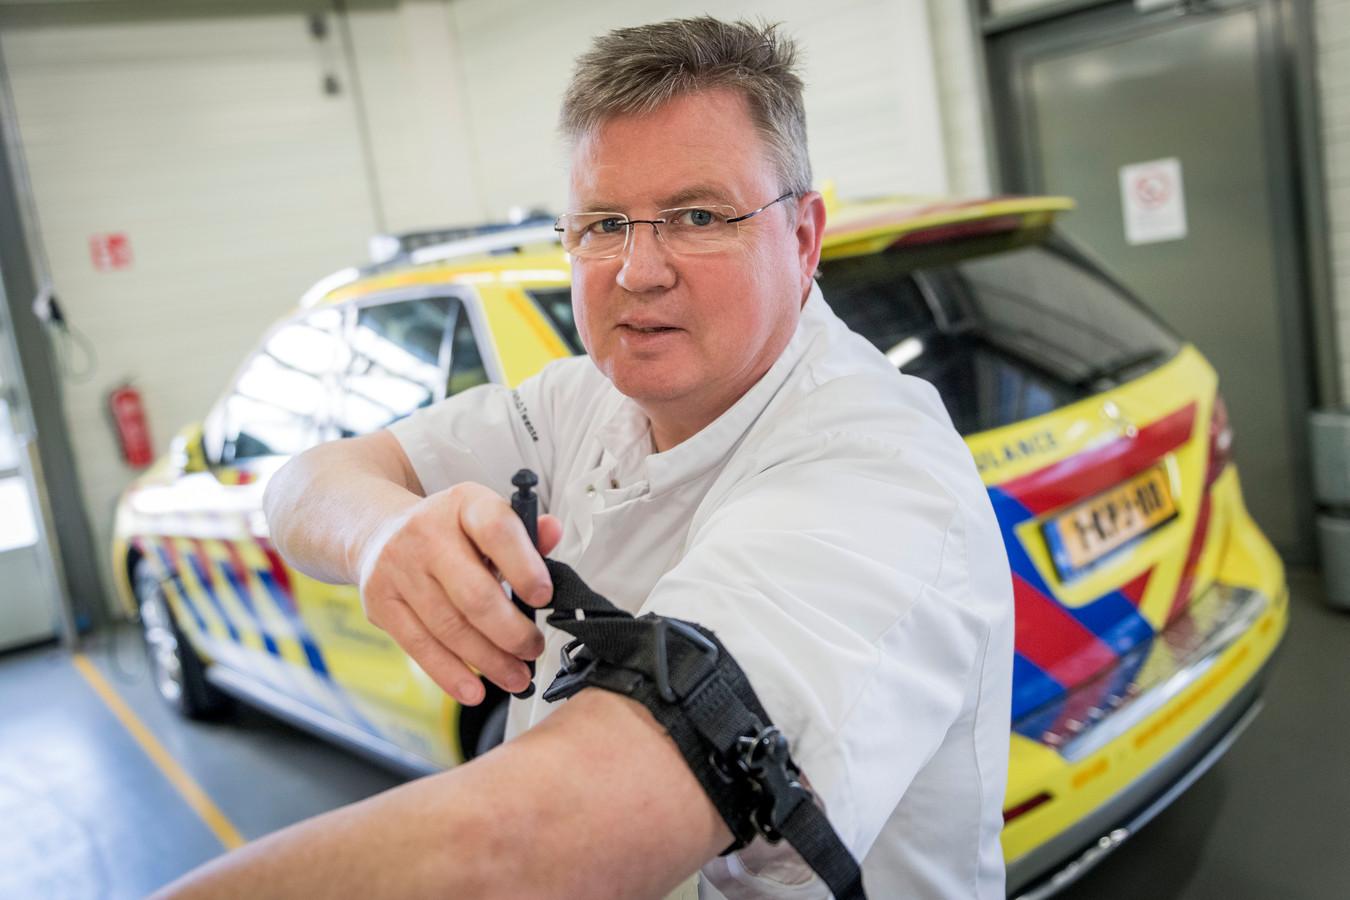 Traumachirurg Ralph de Wit wil dat verpleegkundigen op de ambulances het Traumacentrum als laagdrempelig ervaren. Daarom geeft hij regelmatig voorlichting.